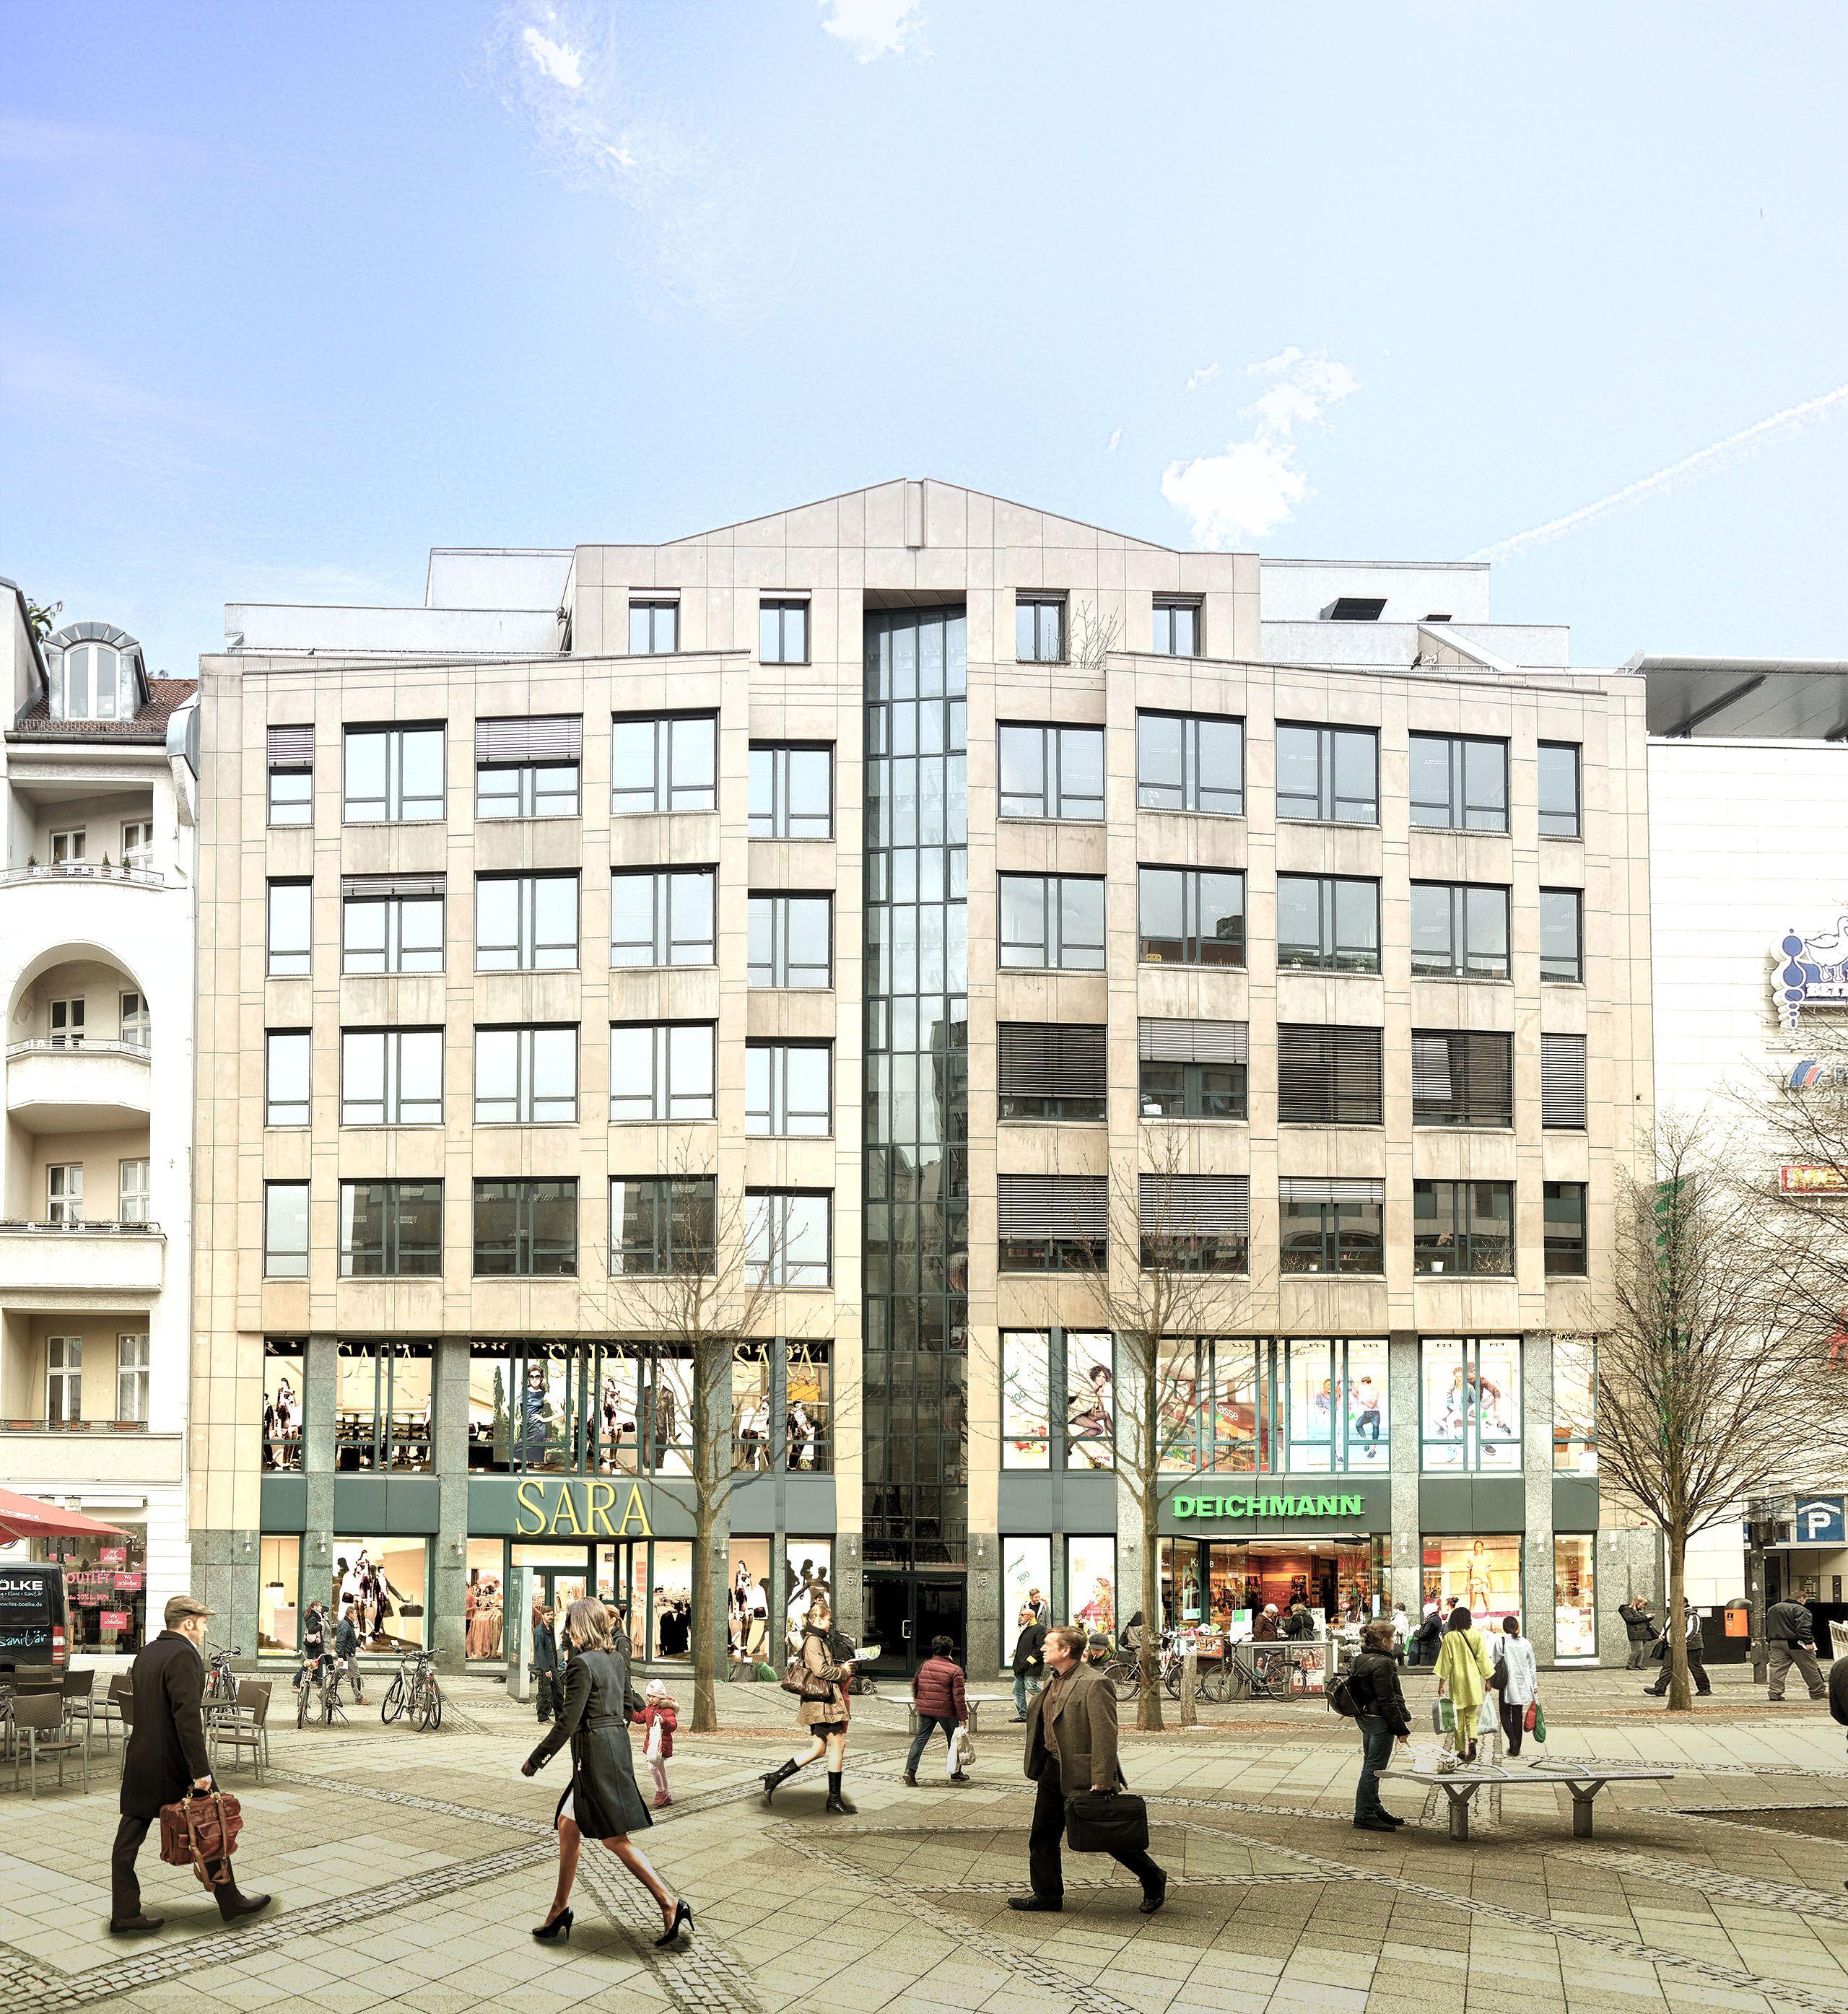 Architekturvisualisierung Berlin dessau bauhaus cus residential render manufaktur